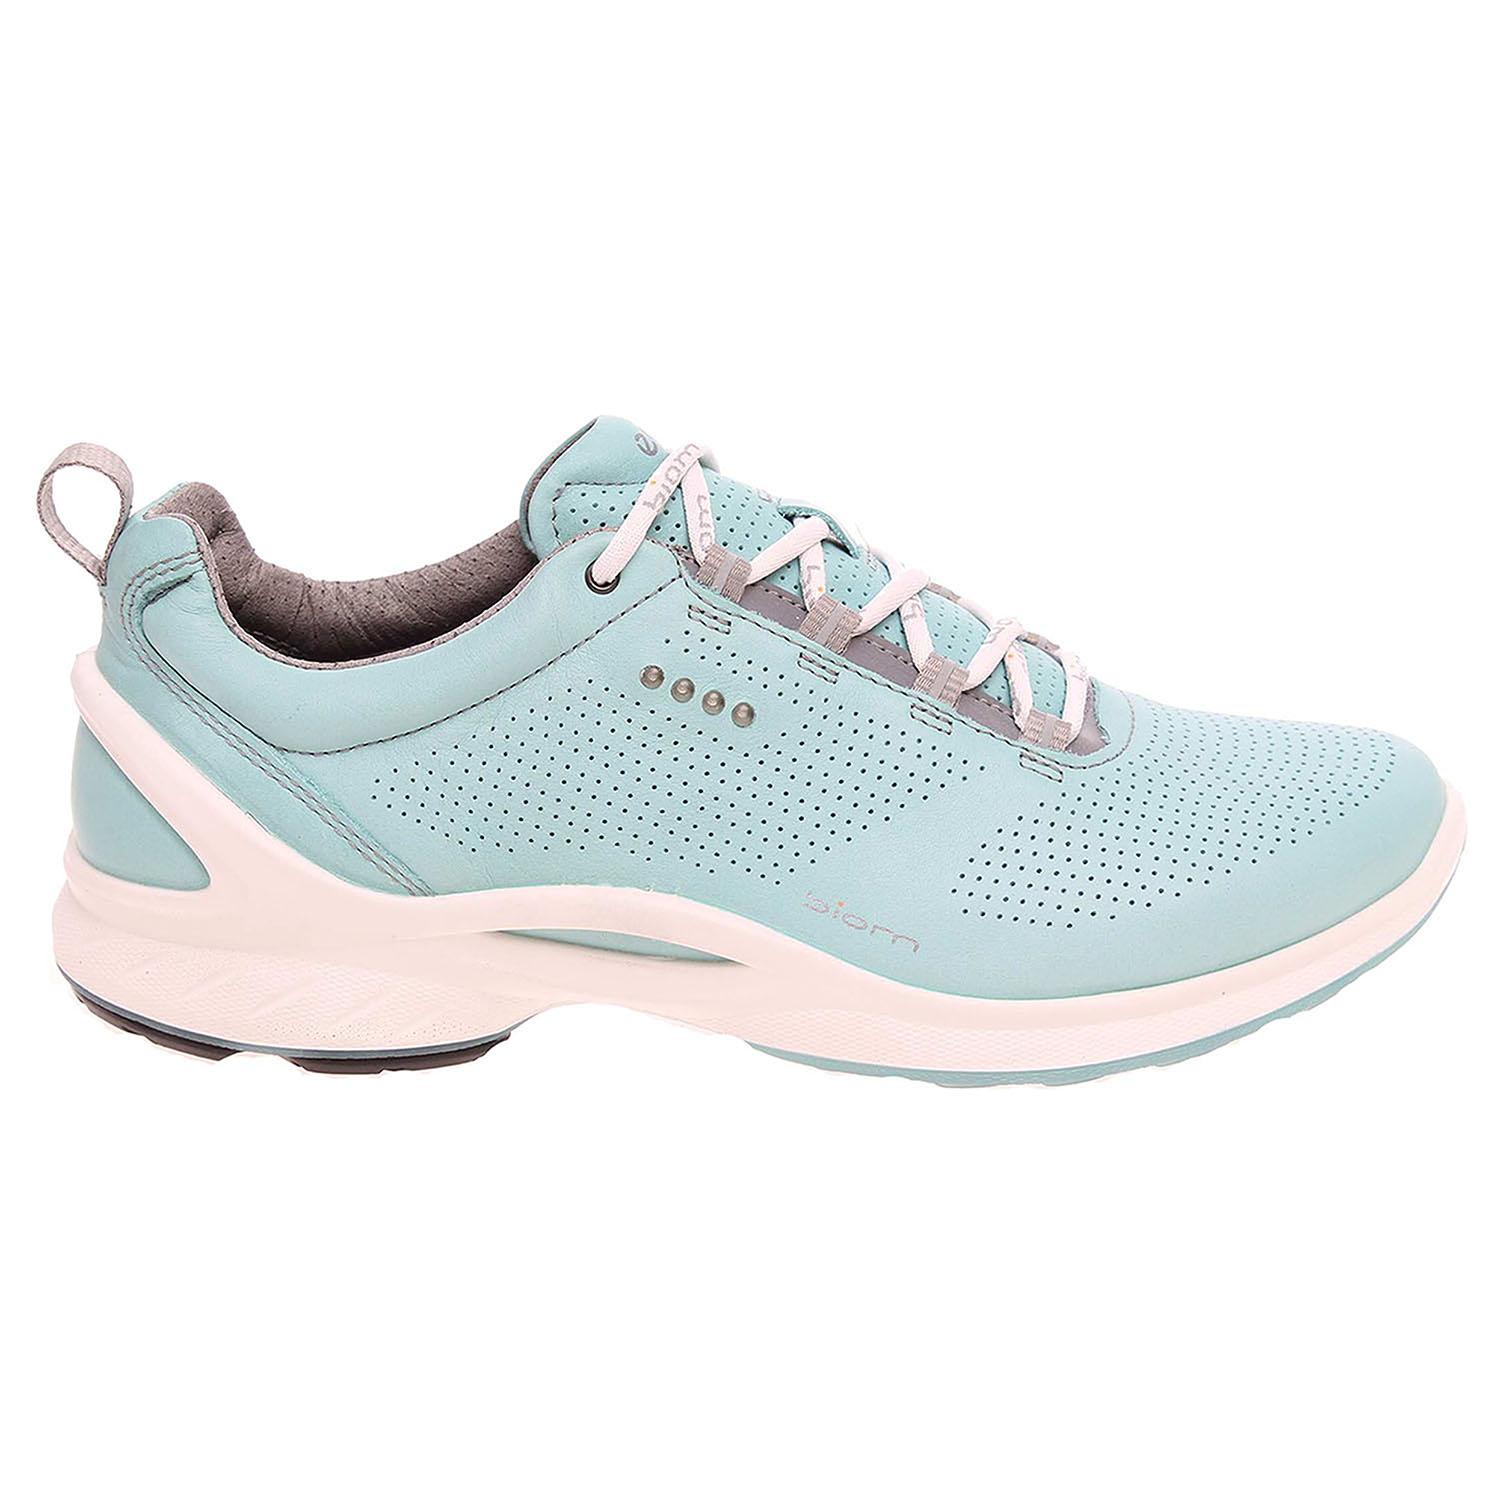 Ecco Ecco Biom Fjuel dámská obuv 83751301241 modrá 23900184 0aa676bec58